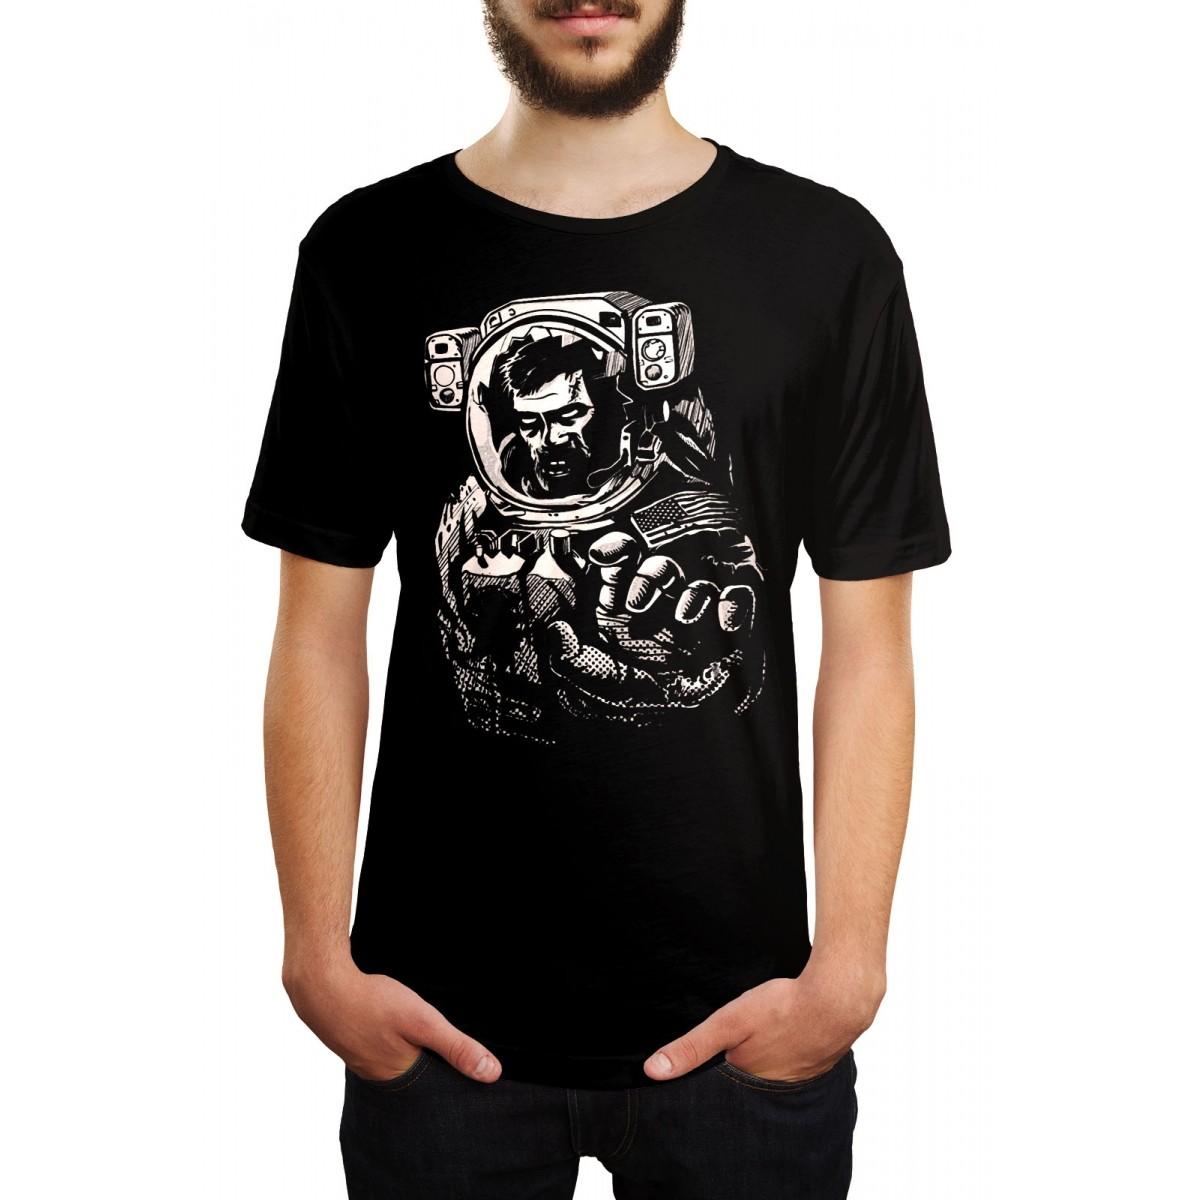 Camiseta HShop Astronauta Zumbi Preto  - HShop